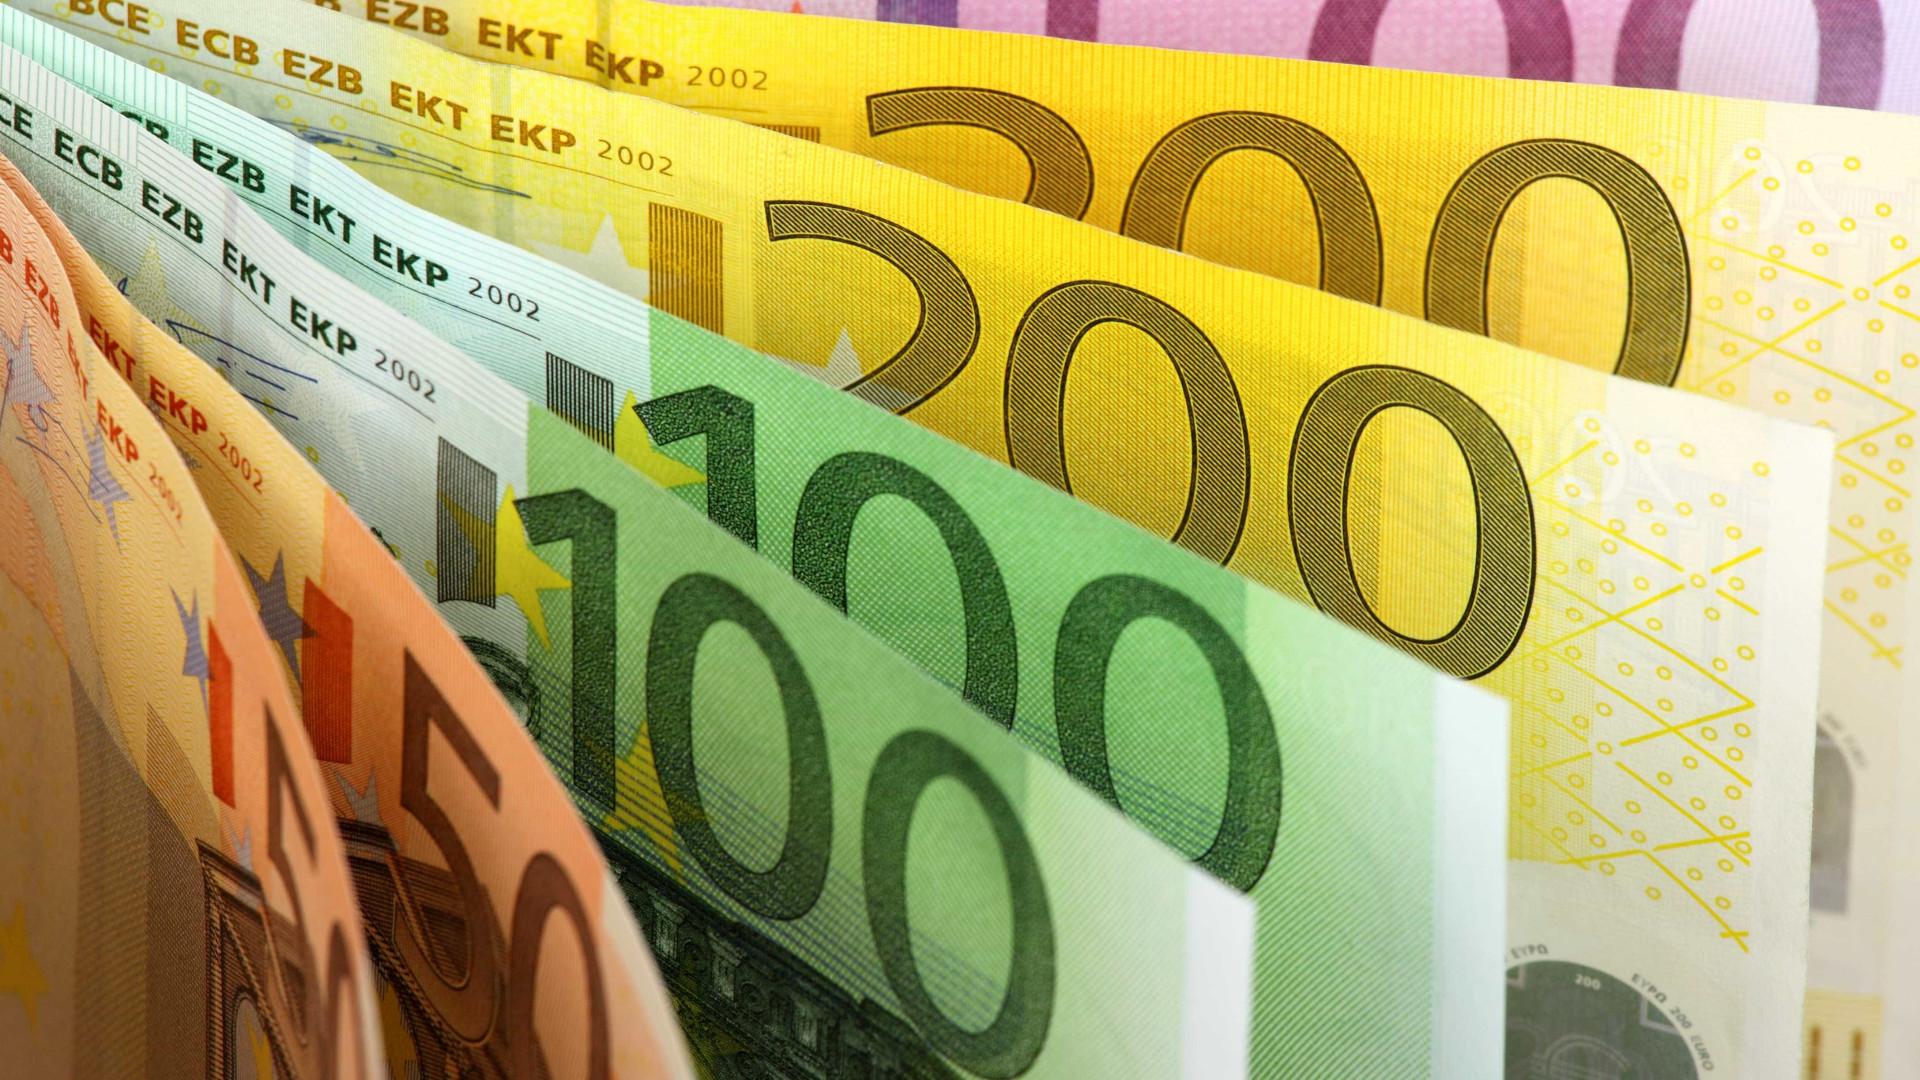 Na próxima semana, Portugal volta ao mercado para novos leilões de dívida